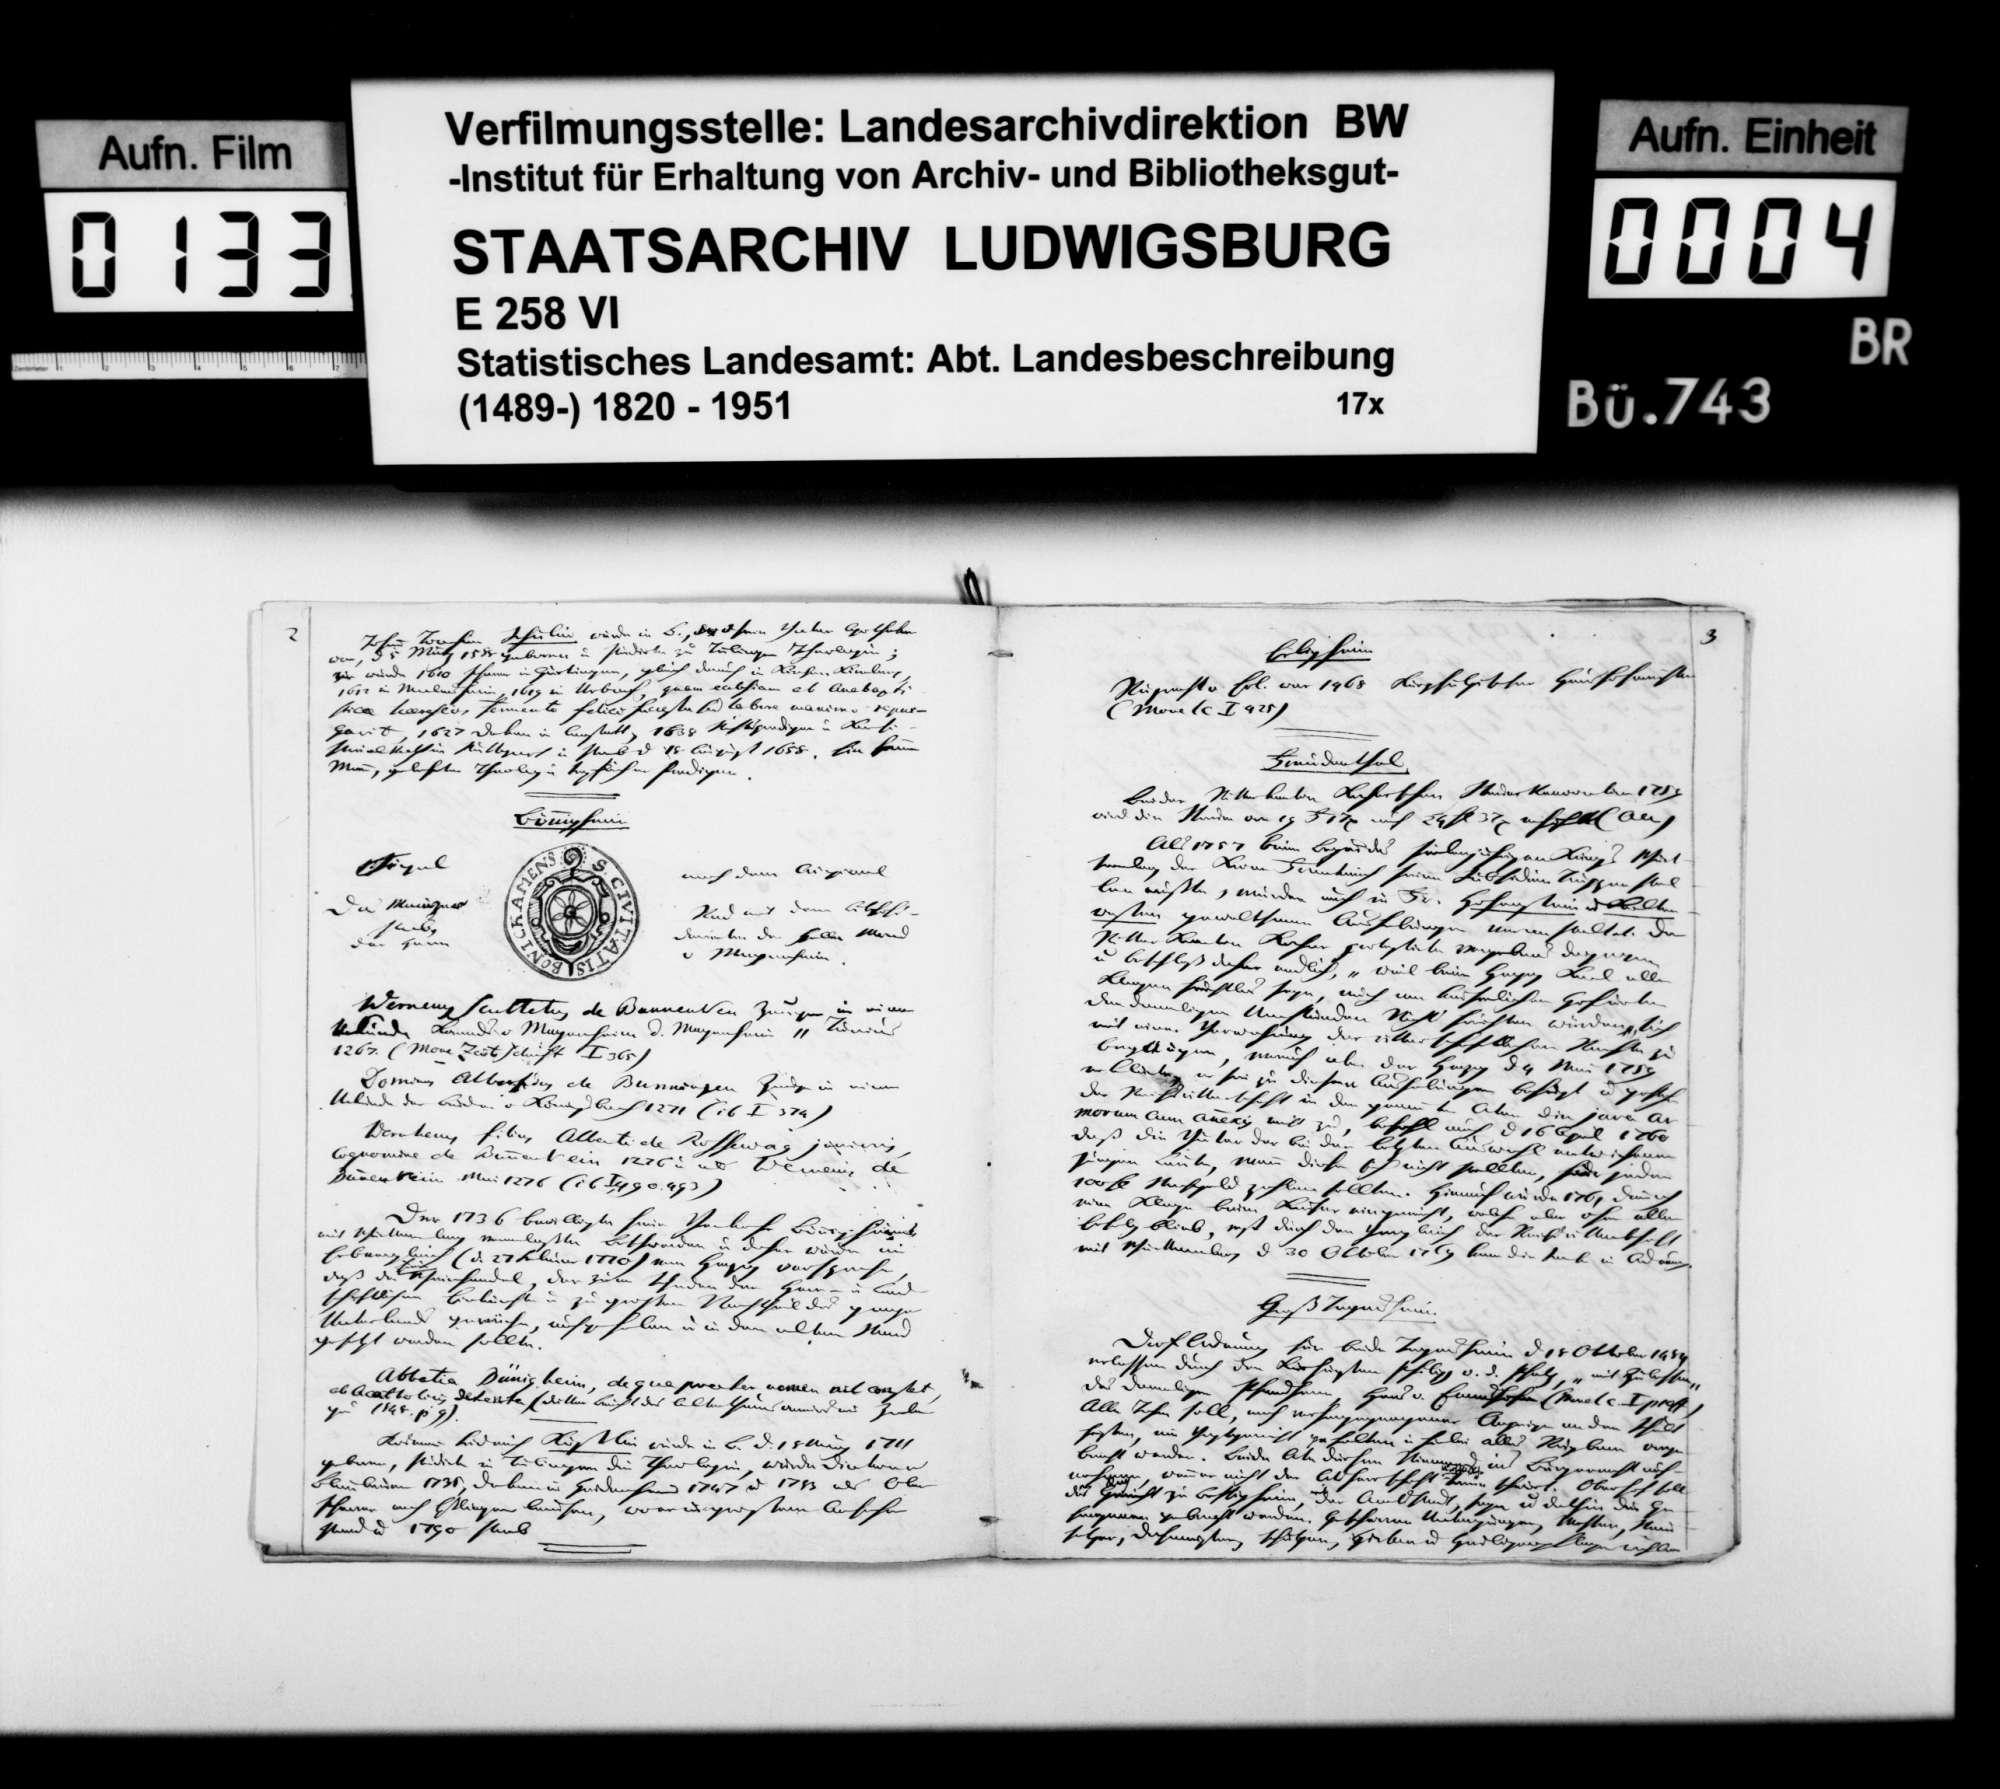 Beiträge des [Esslinger Konrektors] Karl Pfaff zur geschichtlichen Topographie des Oberamts, Bild 3